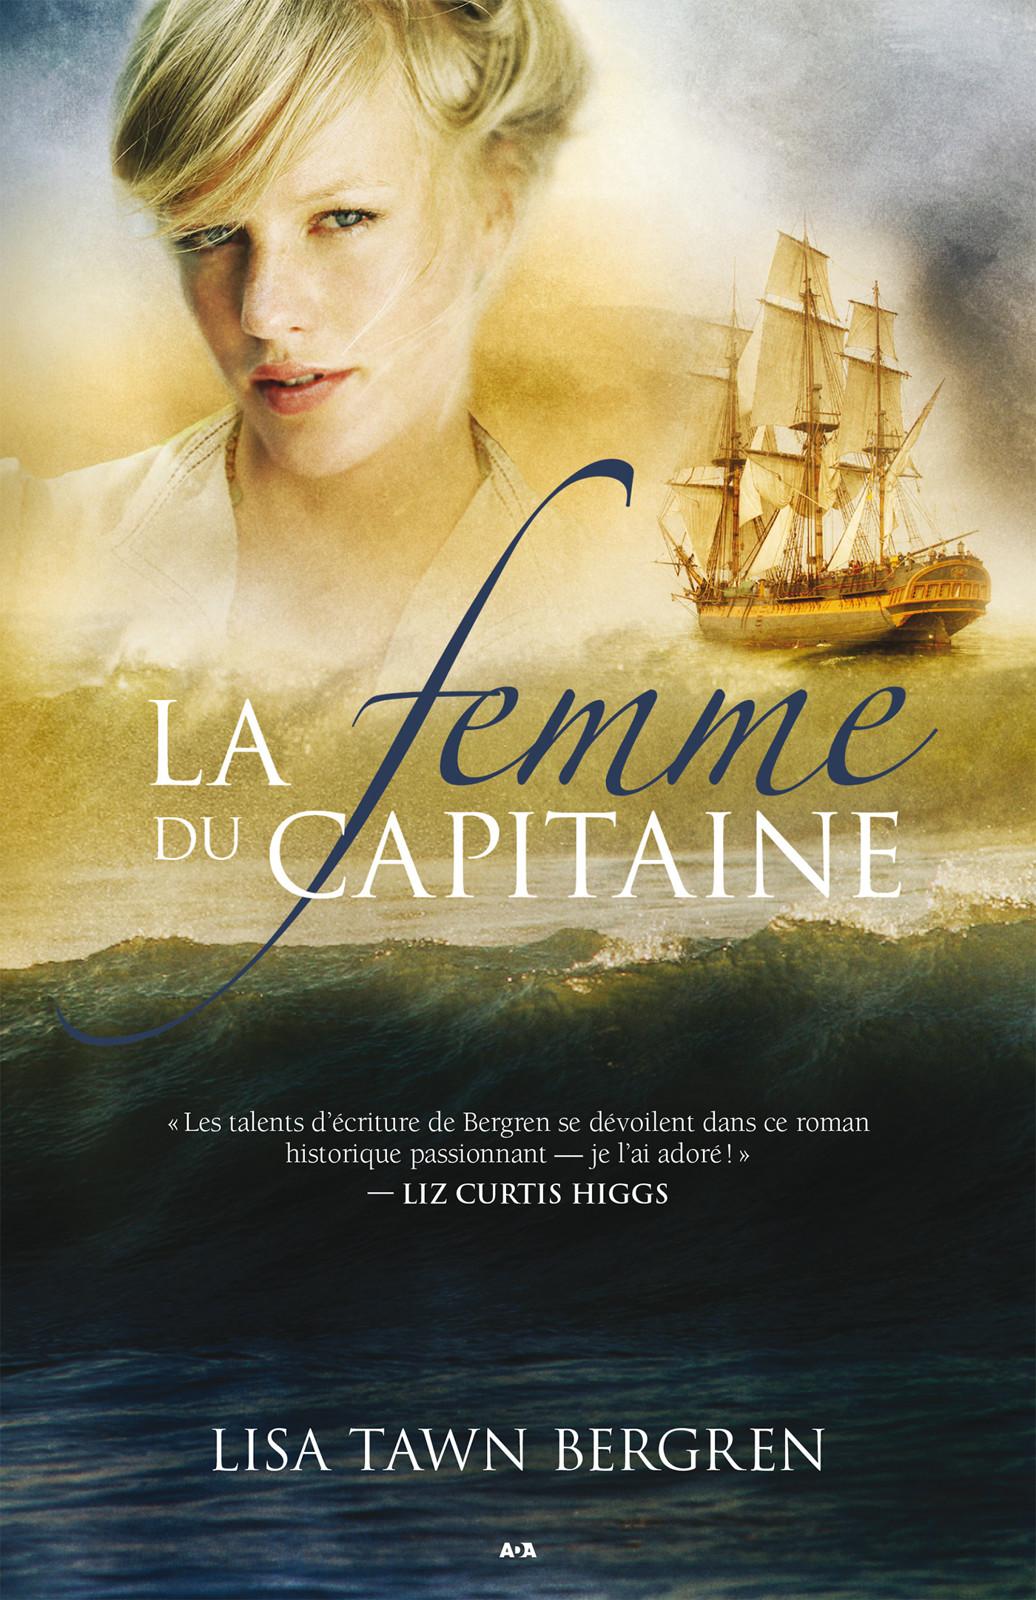 La femme du capitaine